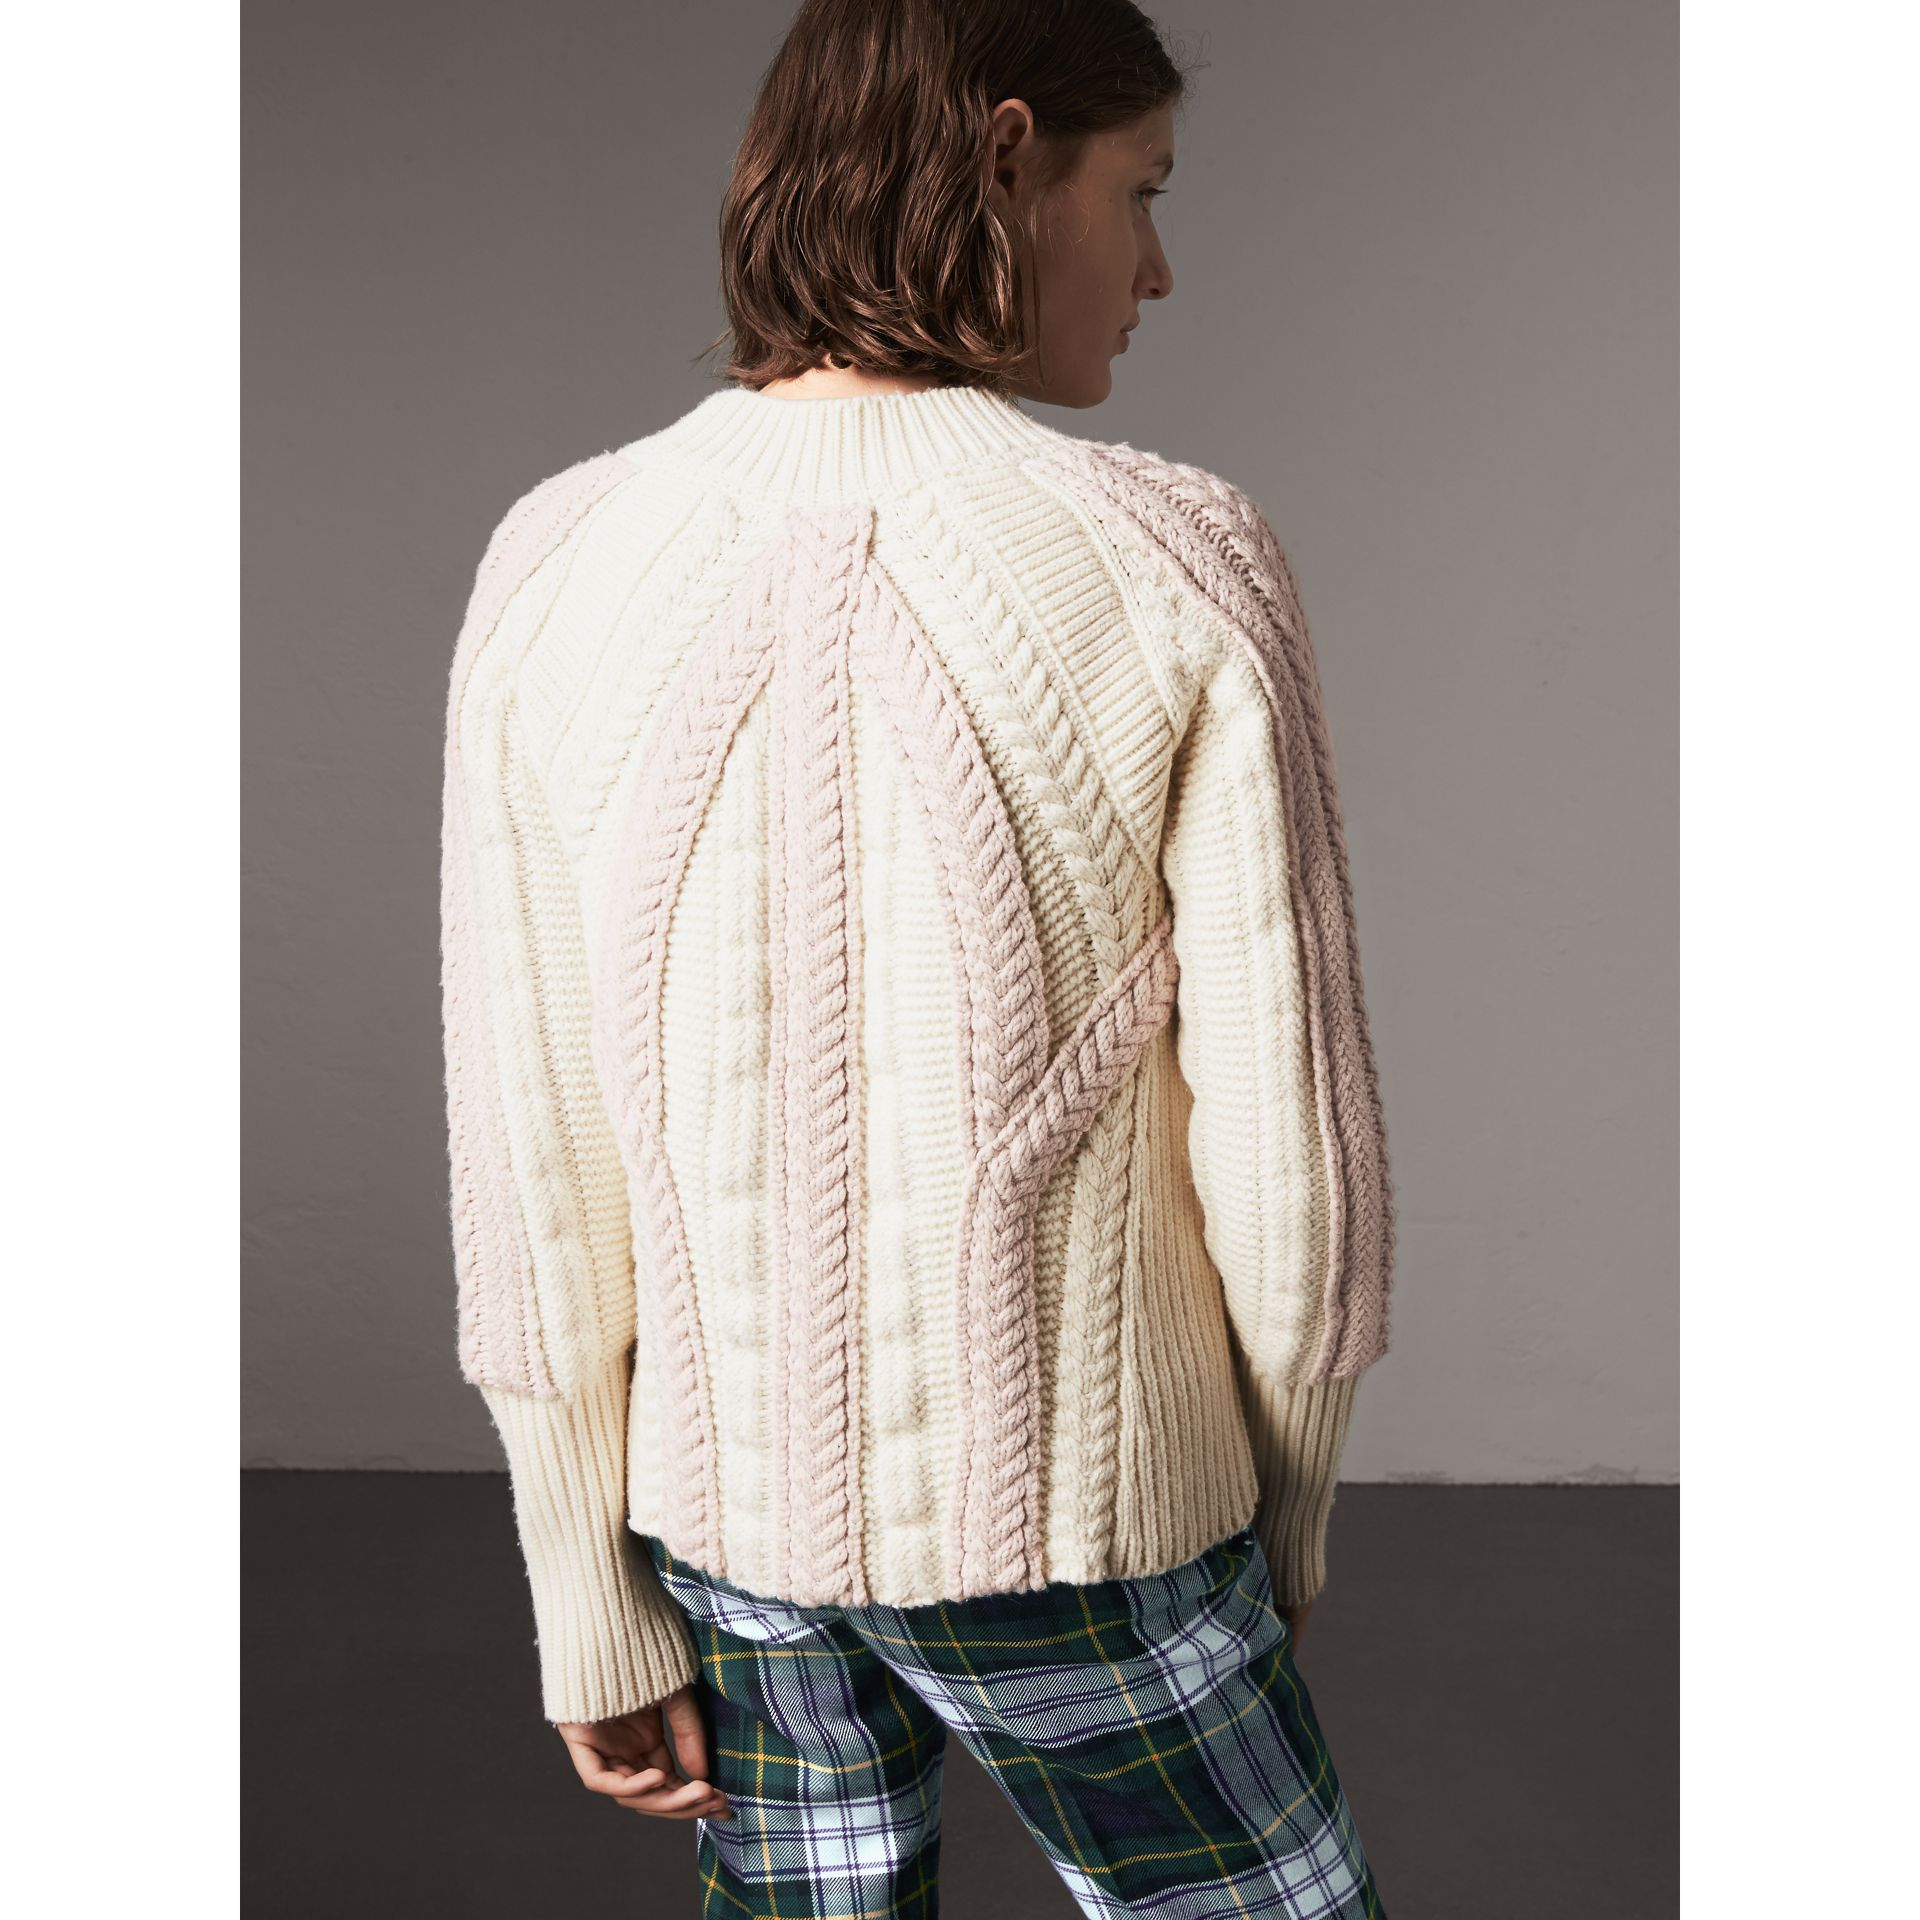 Pull bicolore en maille de laine et cachemire torsadée (Blanc Naturel) - Femme | Burberry - photo de la galerie 3